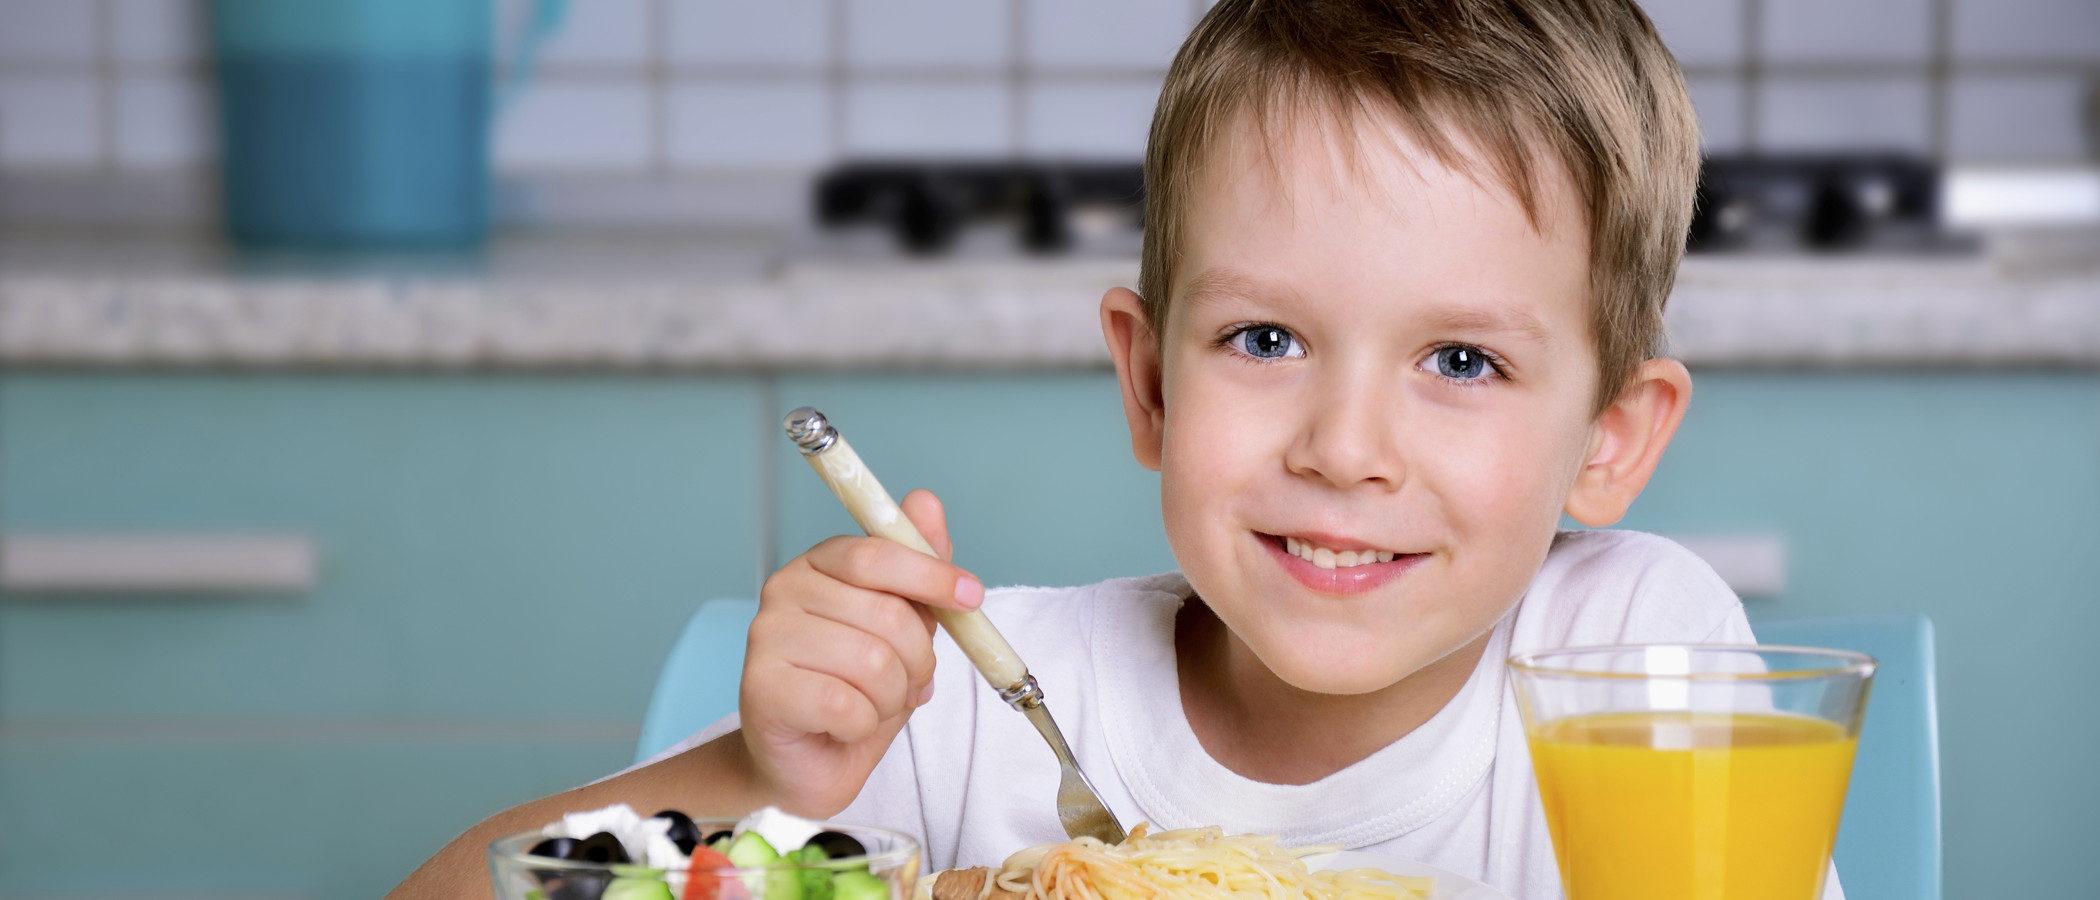 Síntomas de intolerancias alimentarias en niños